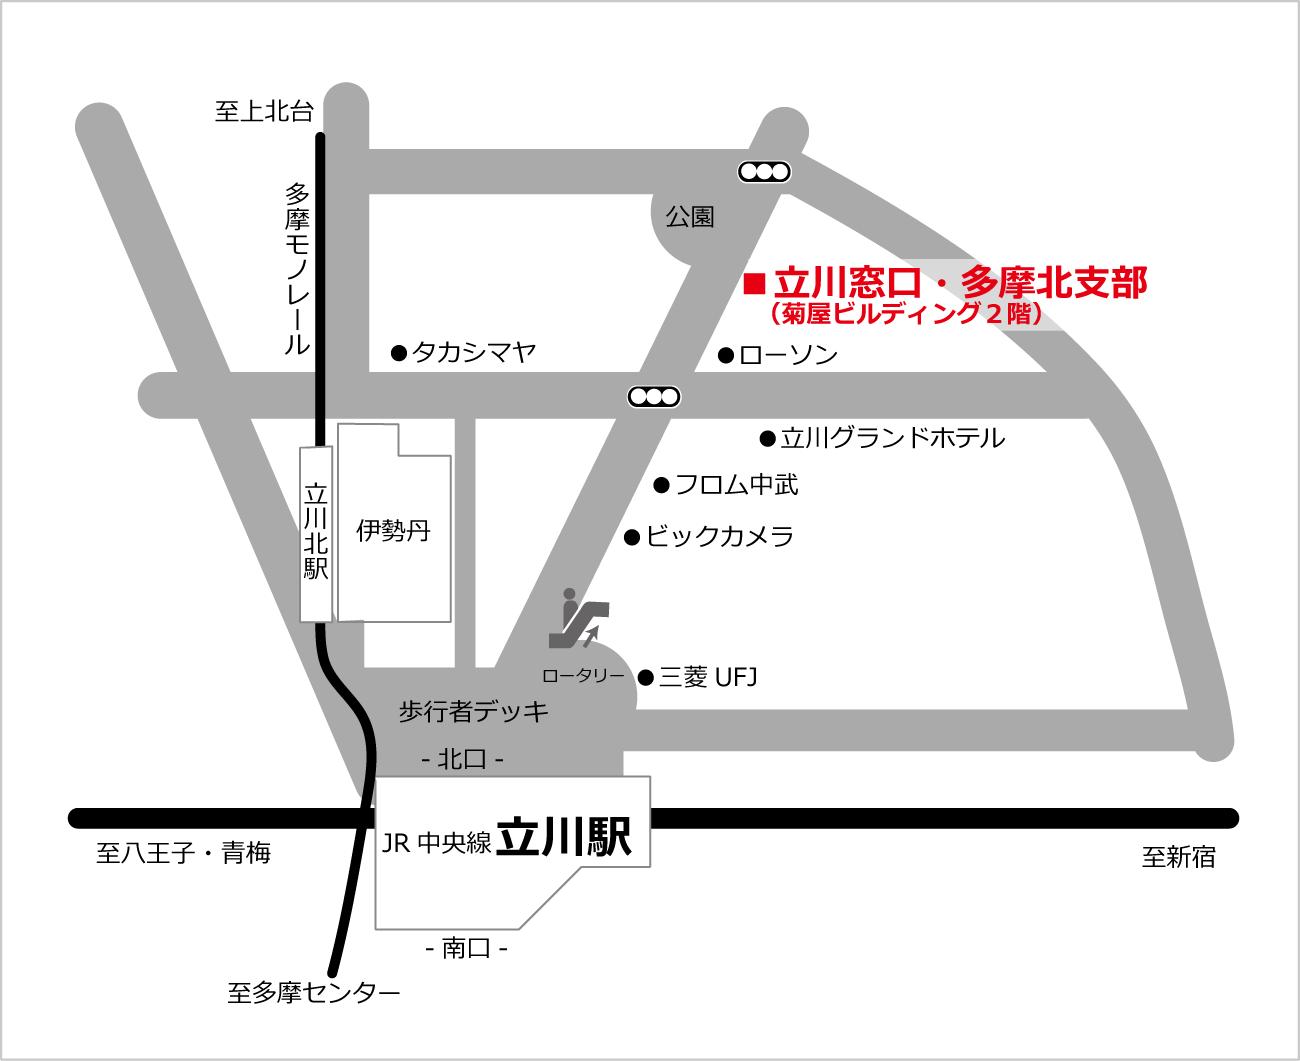 立川アクセスマップ